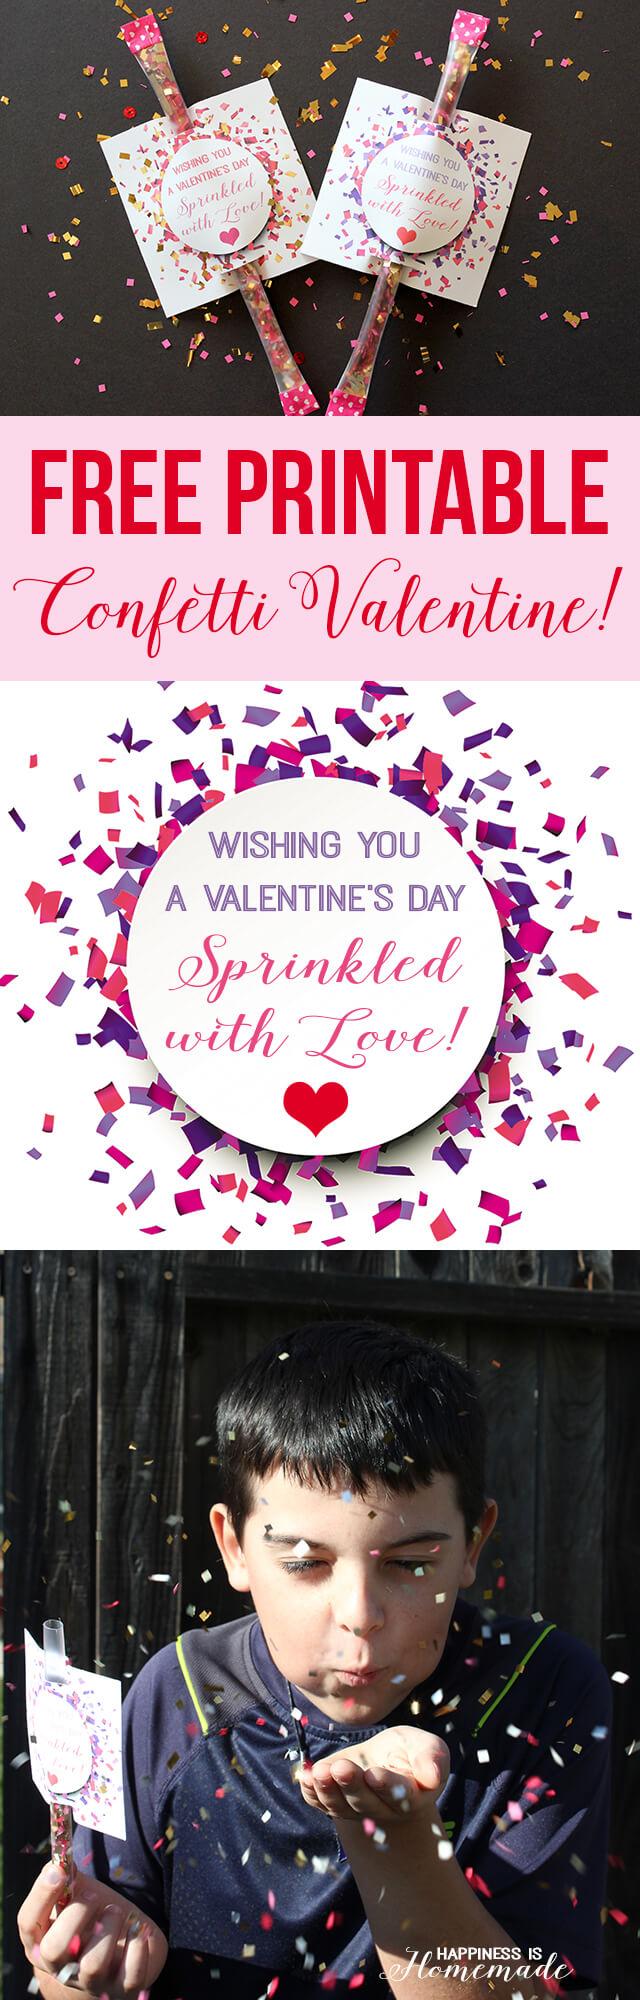 Free Printable Confetti Valentine